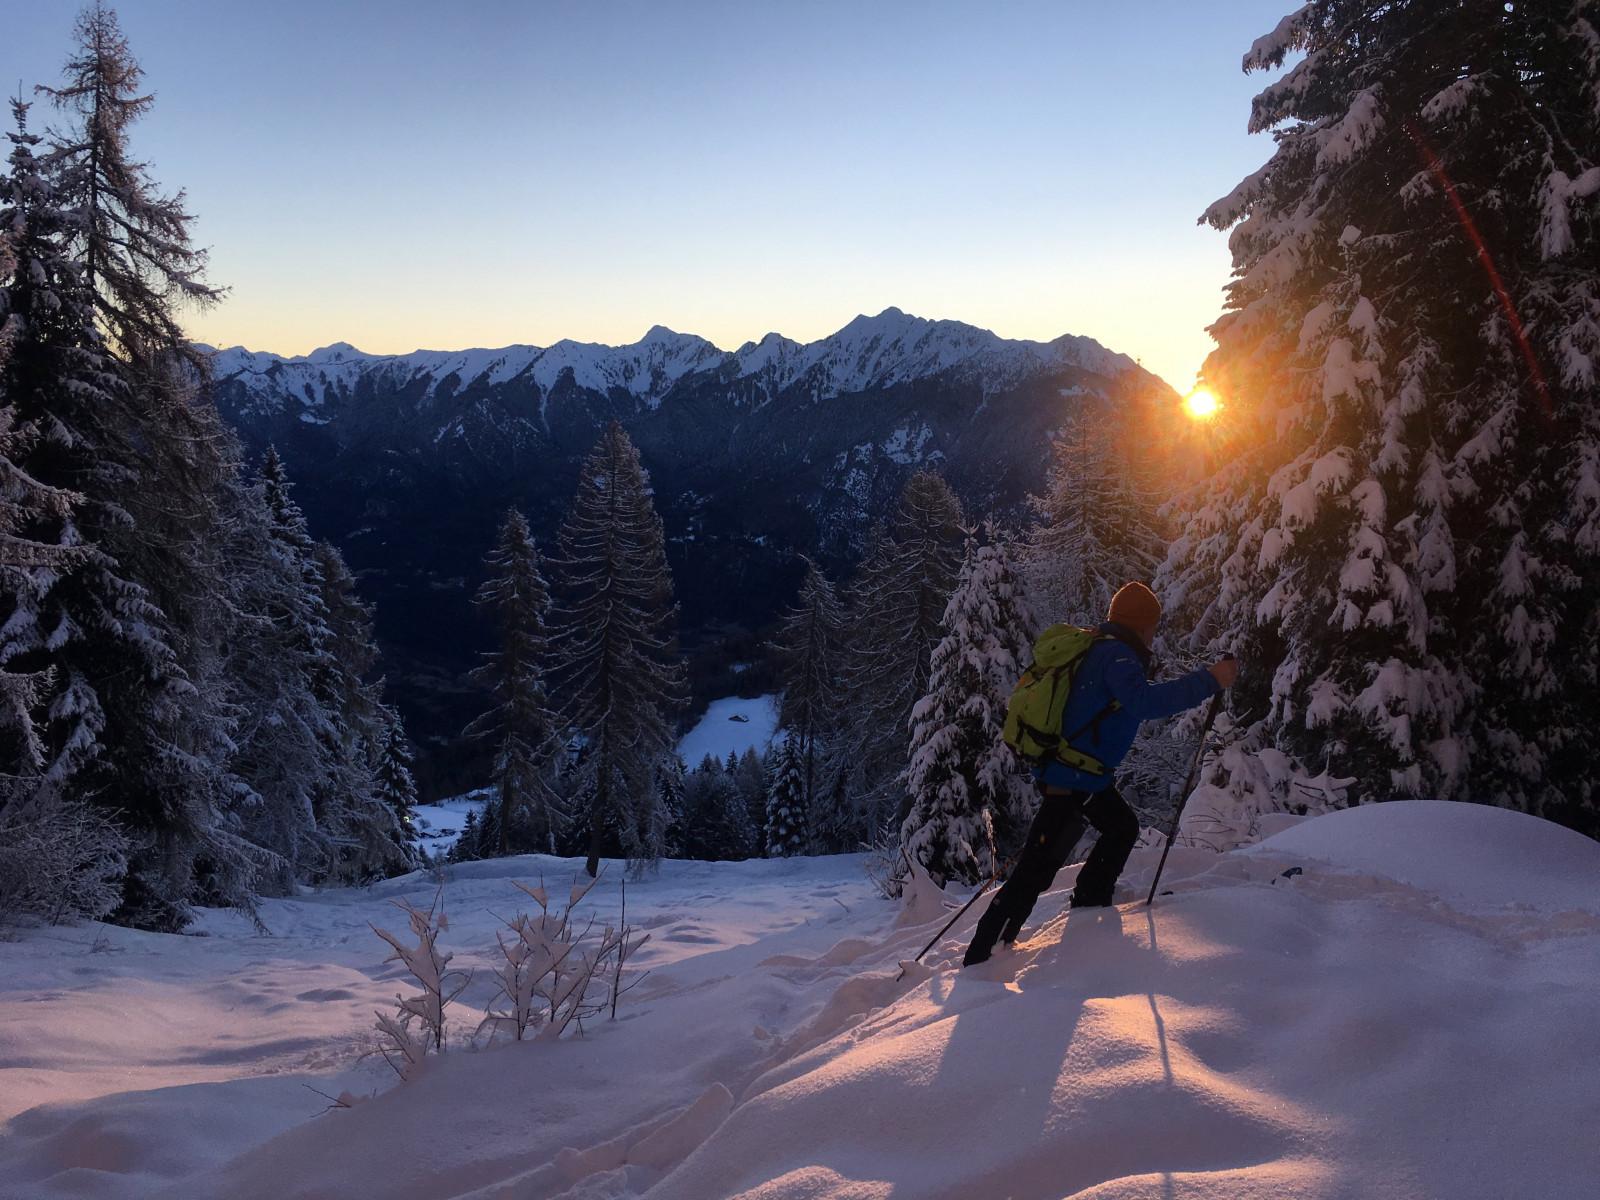 Escursione in ciaspole all'alba o al tramonto ad Andalo